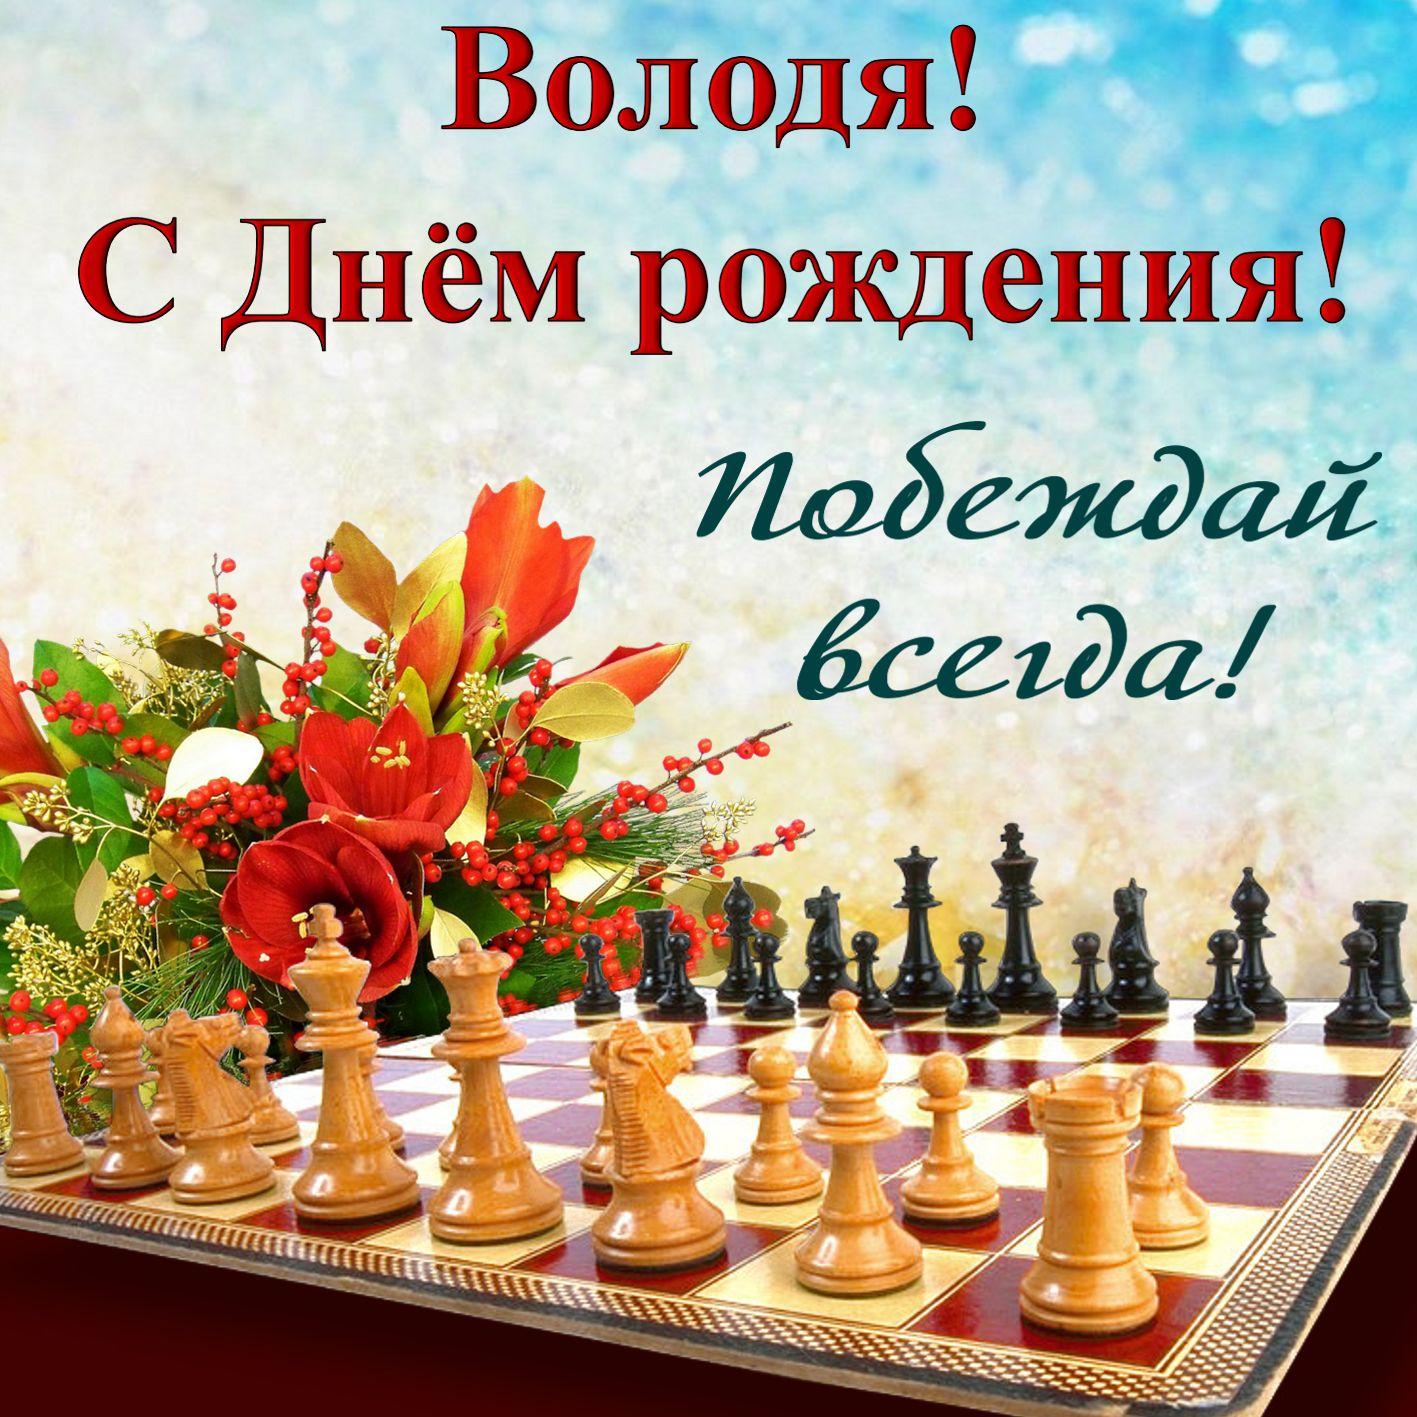 Открытки, открытки с днем рождения шахматы